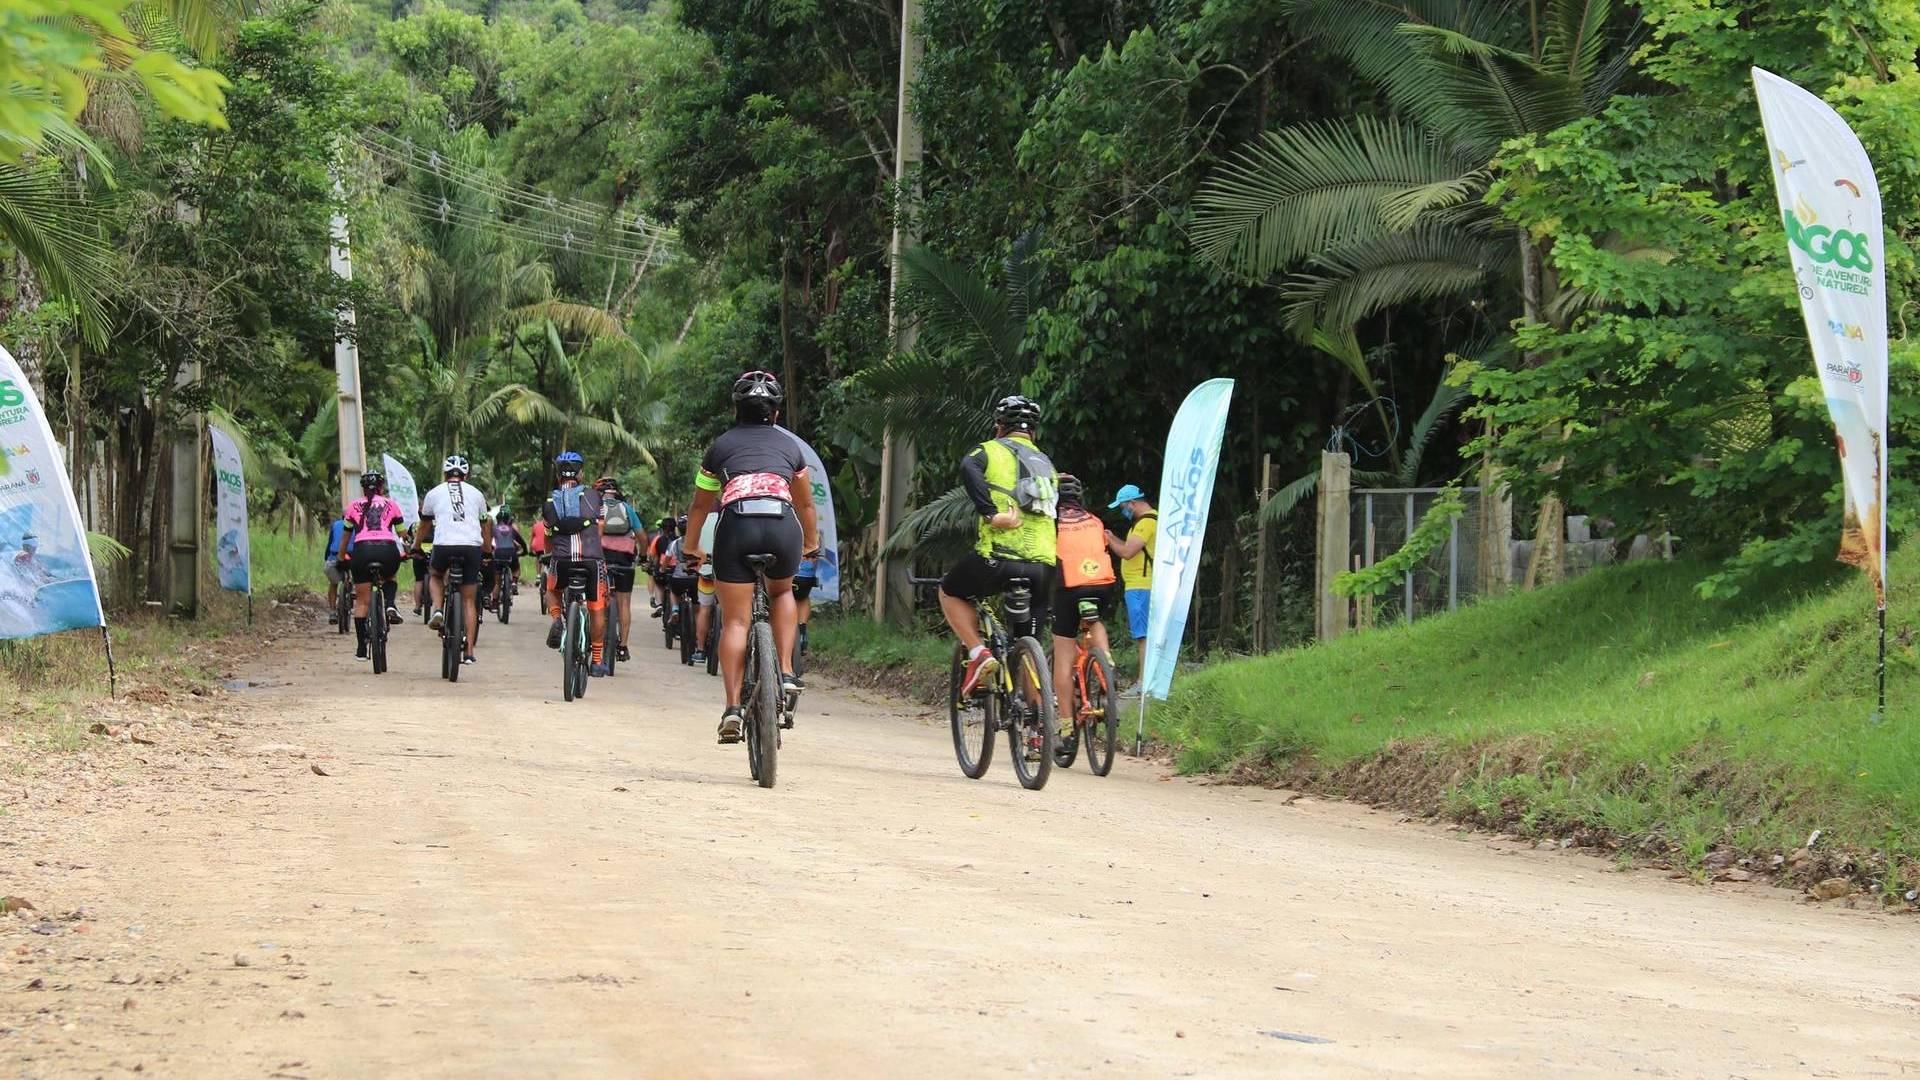 Governo lança o Pedala Paraná, de incentivo ao esporte e turismo